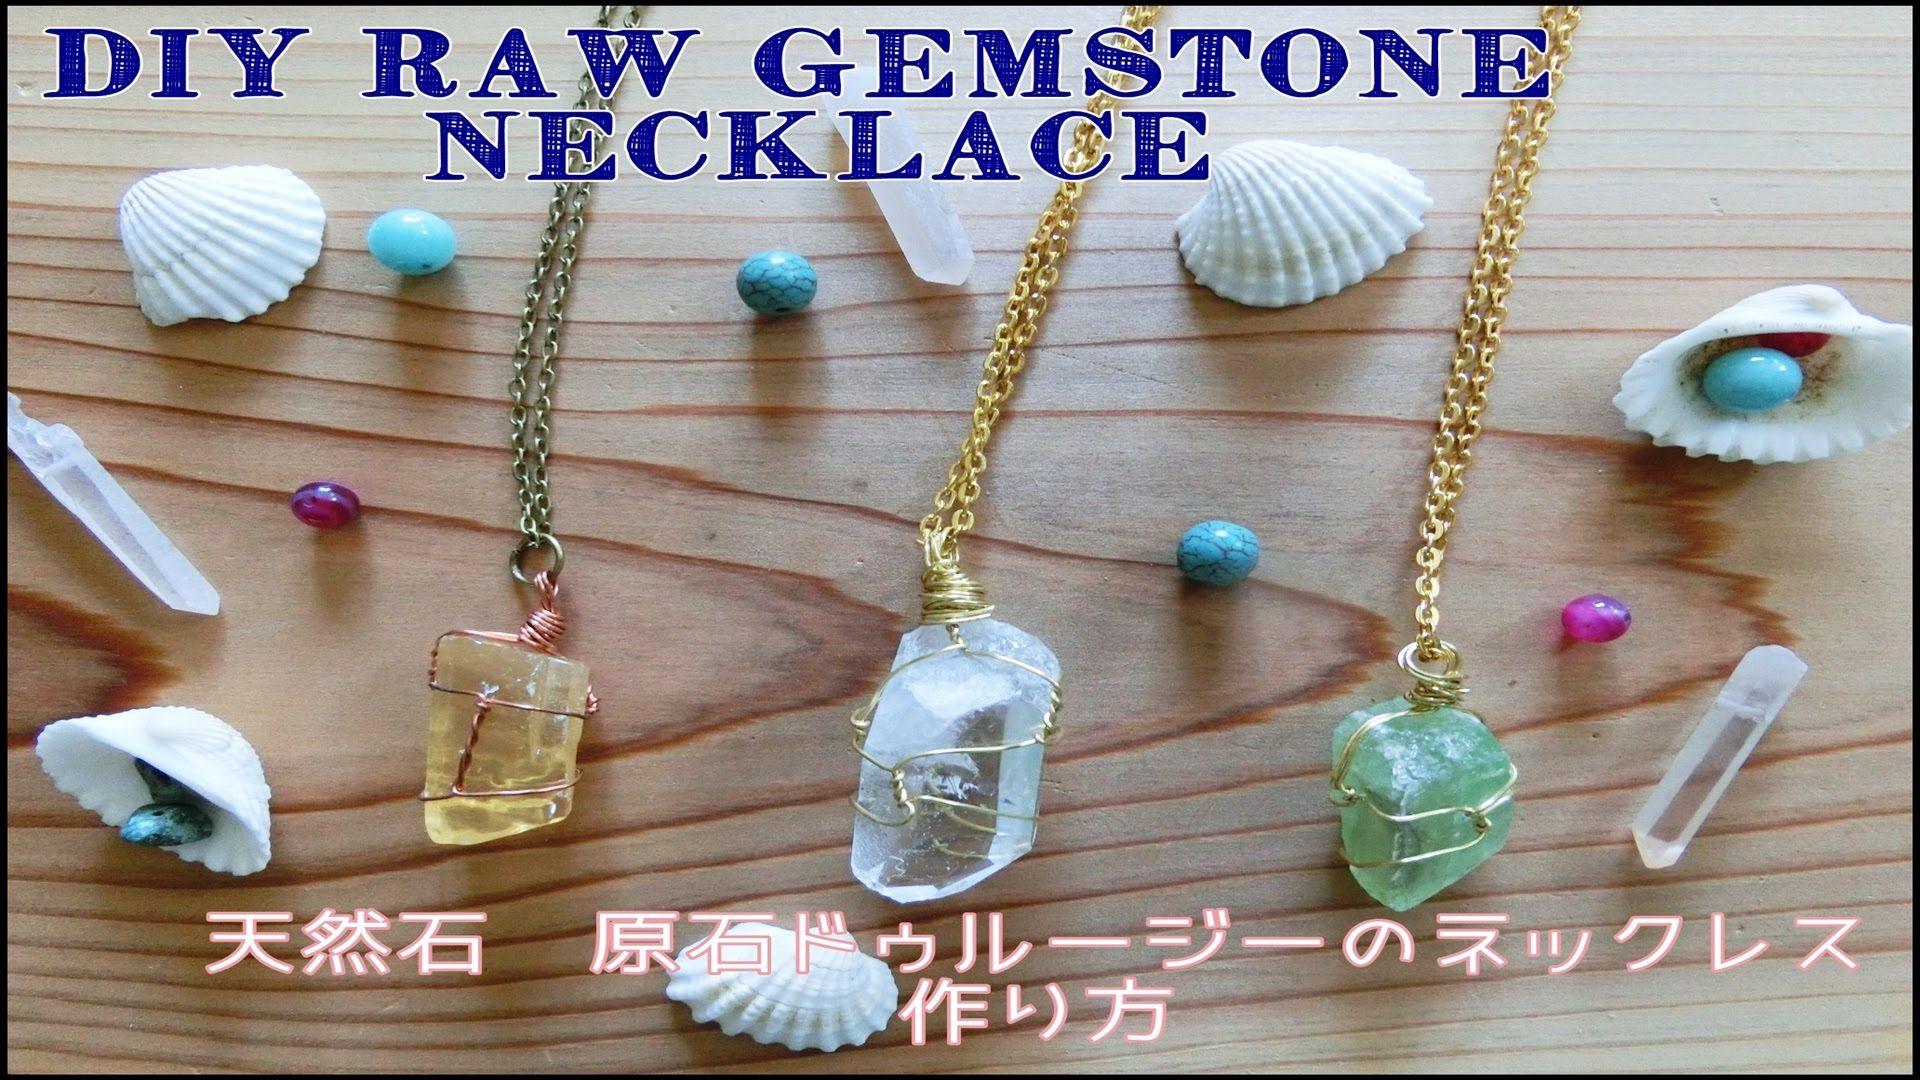 天然石ドゥルージー原石のネックレス作り方(ワイヤーラップ穴無し) DIY Raw Gemstone Necklace Tutorial